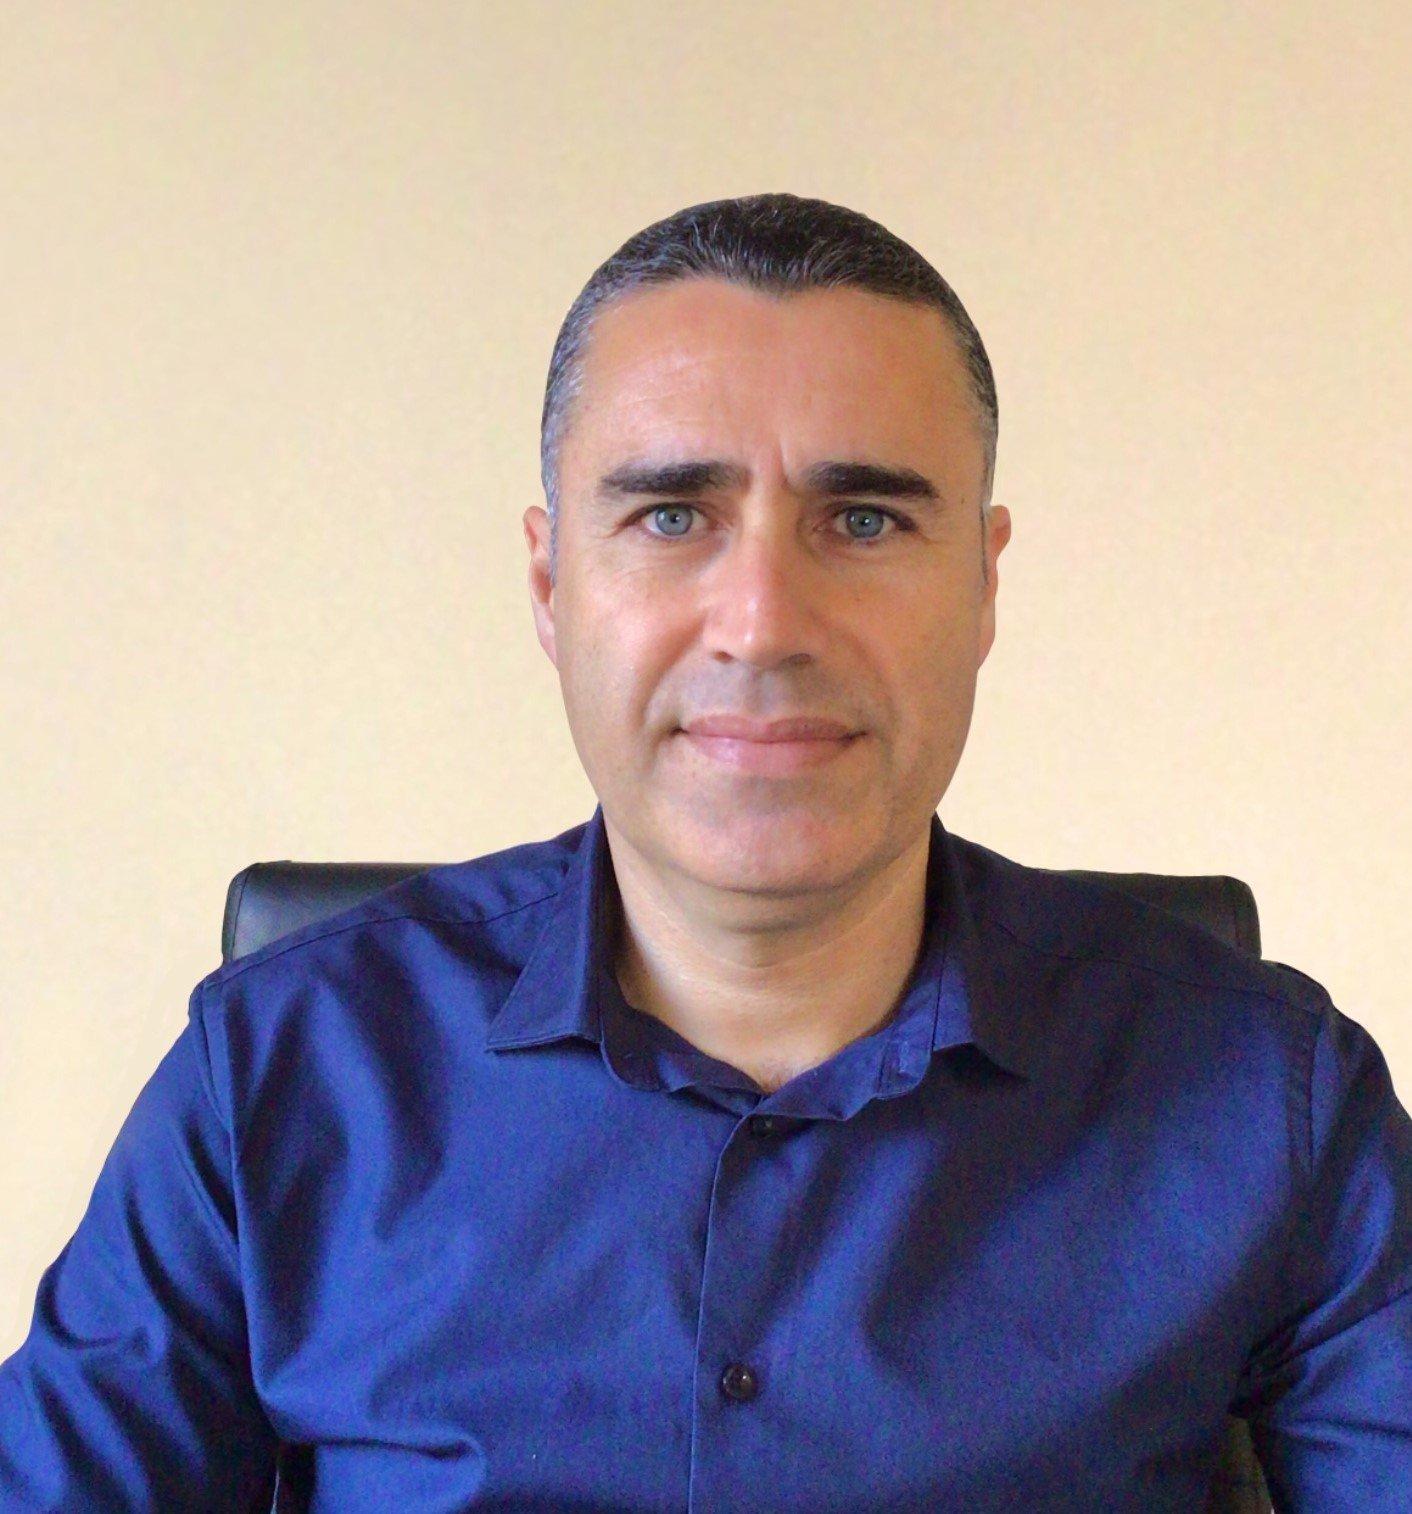 تعيين سامي أسعد مُديرًا عامًا لجمعيّة كاف مشفيه